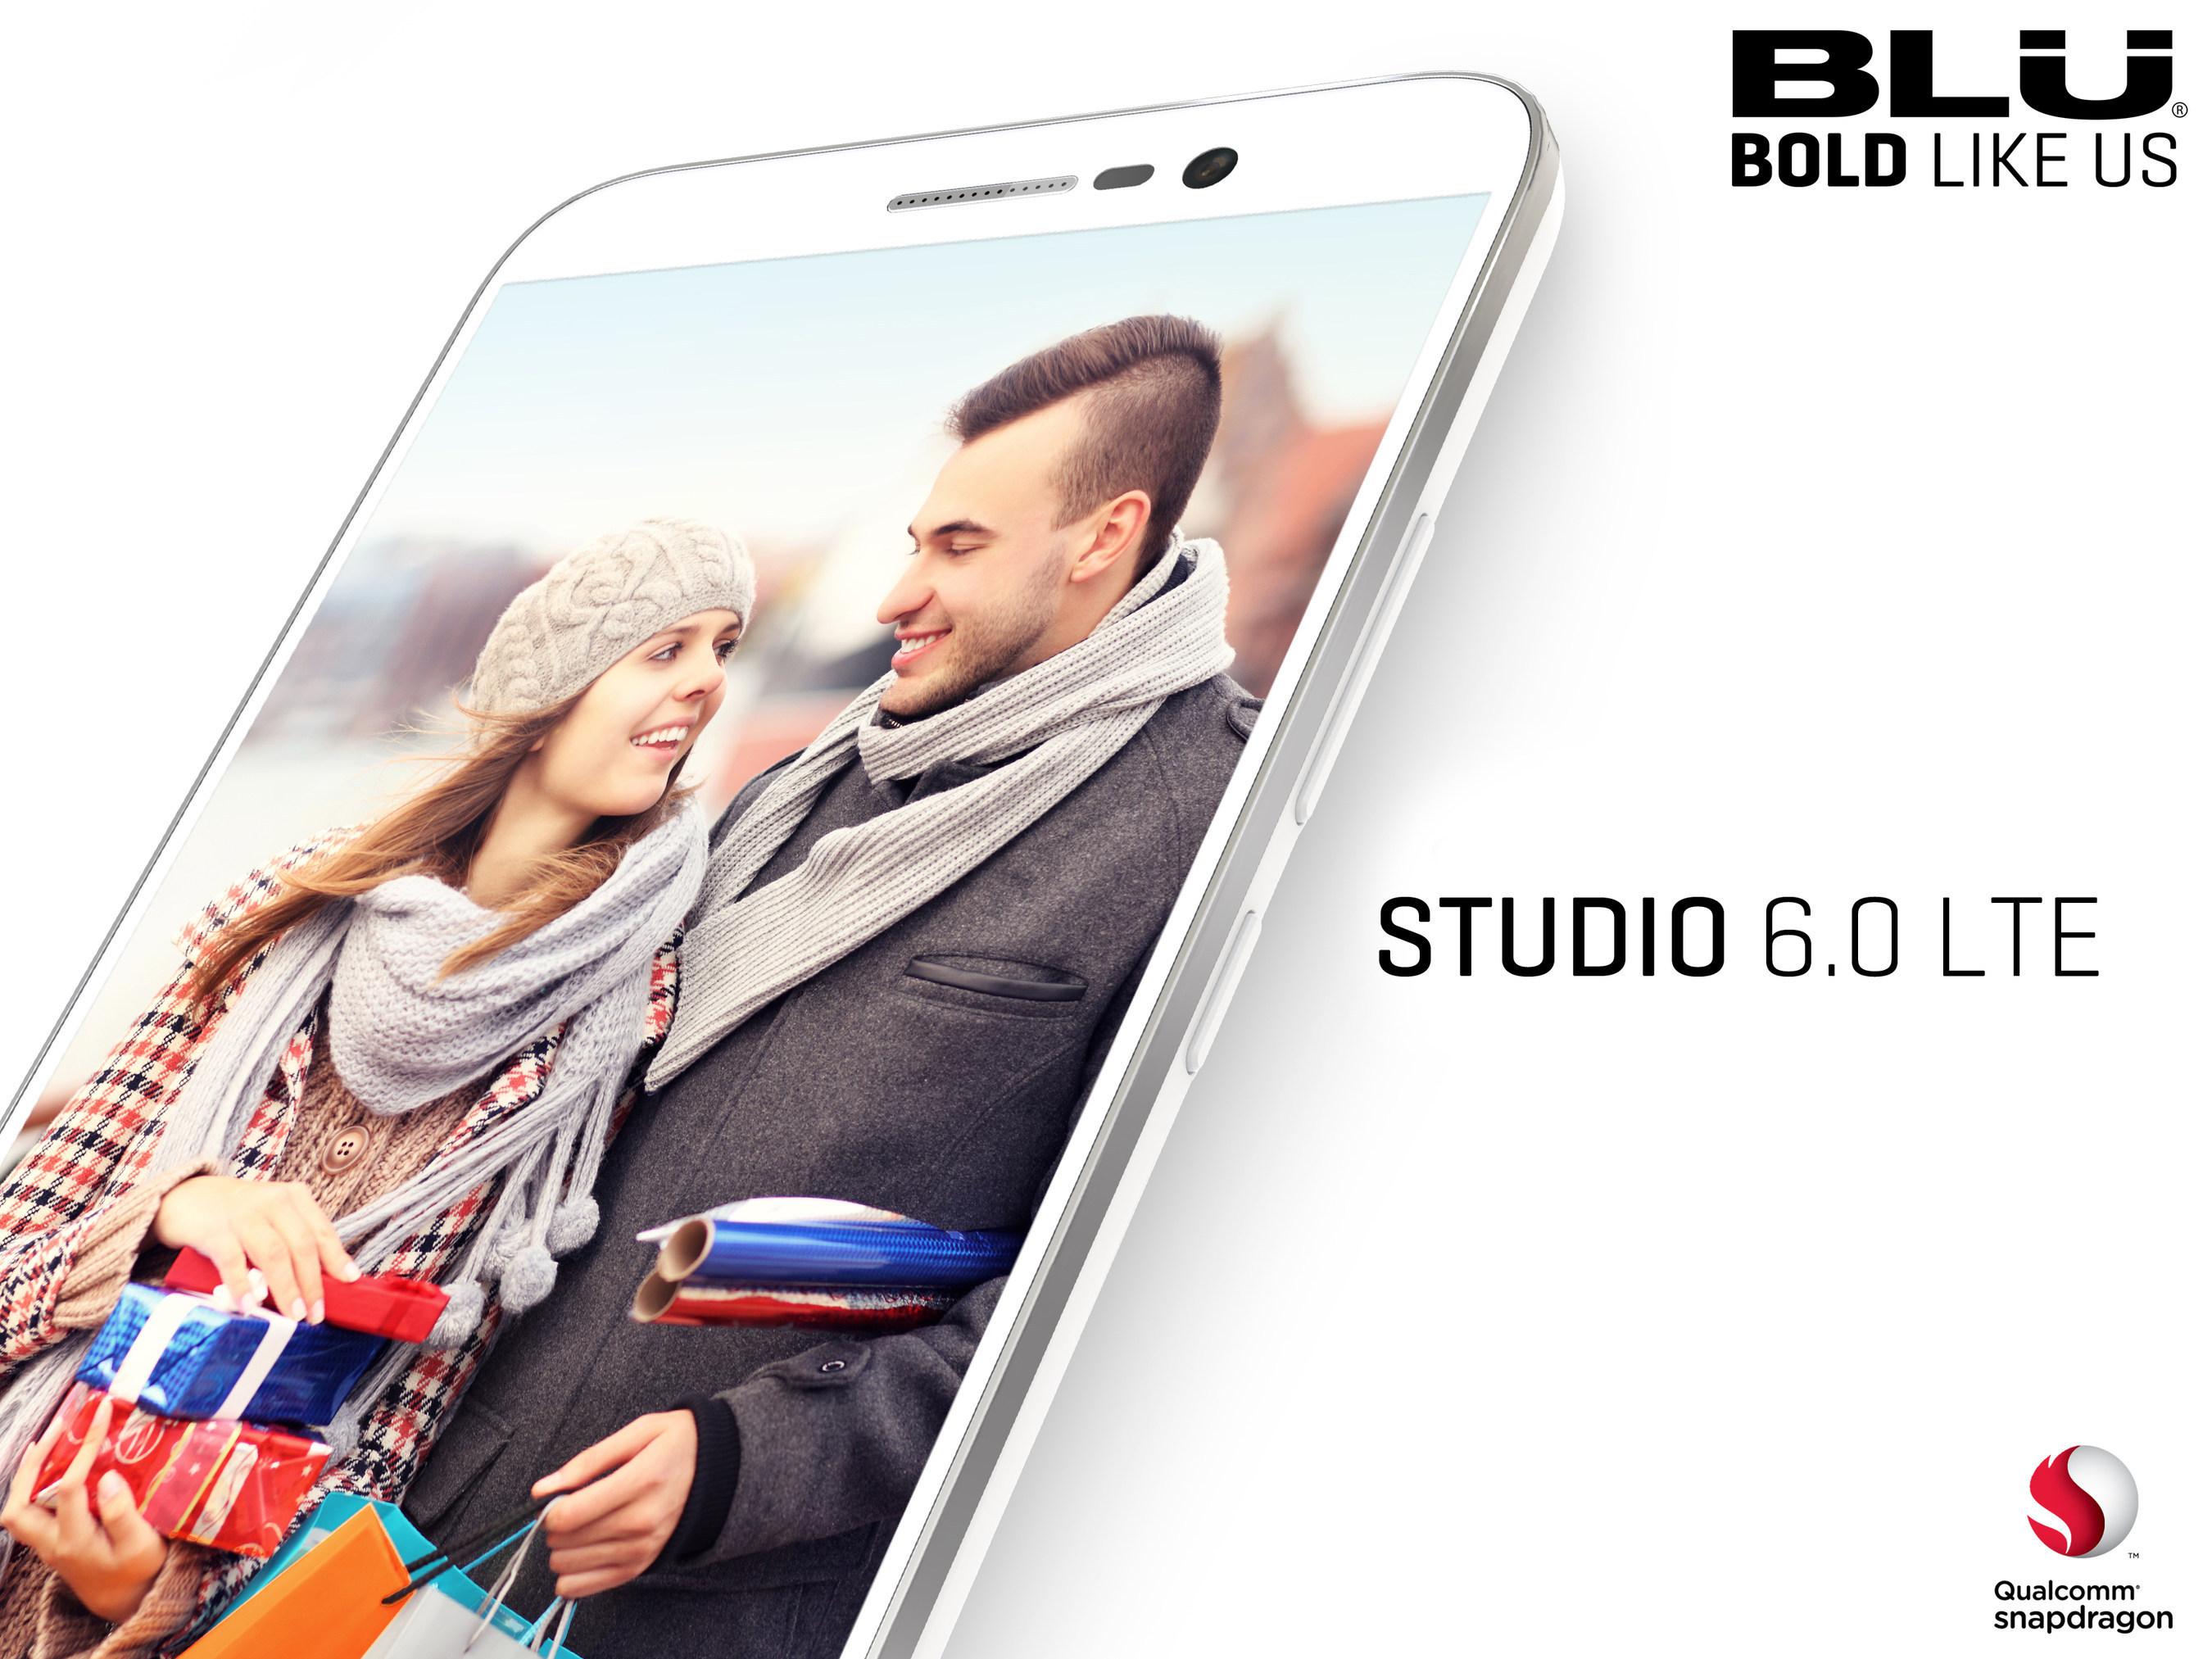 BLU STUDIO 6.0 LTE